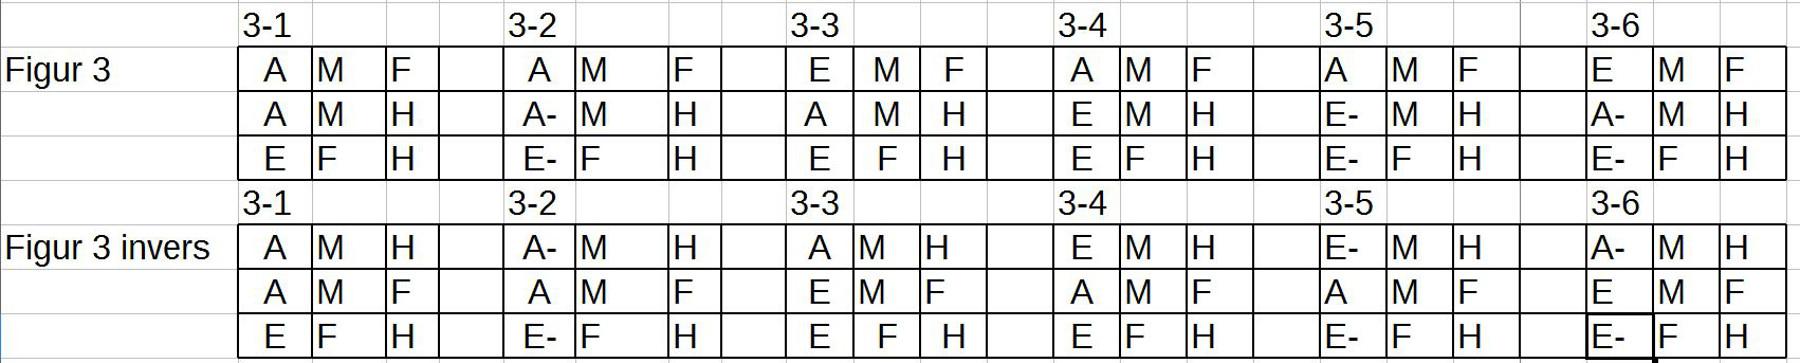 Alle Muster von Figur 3 samt Inverse